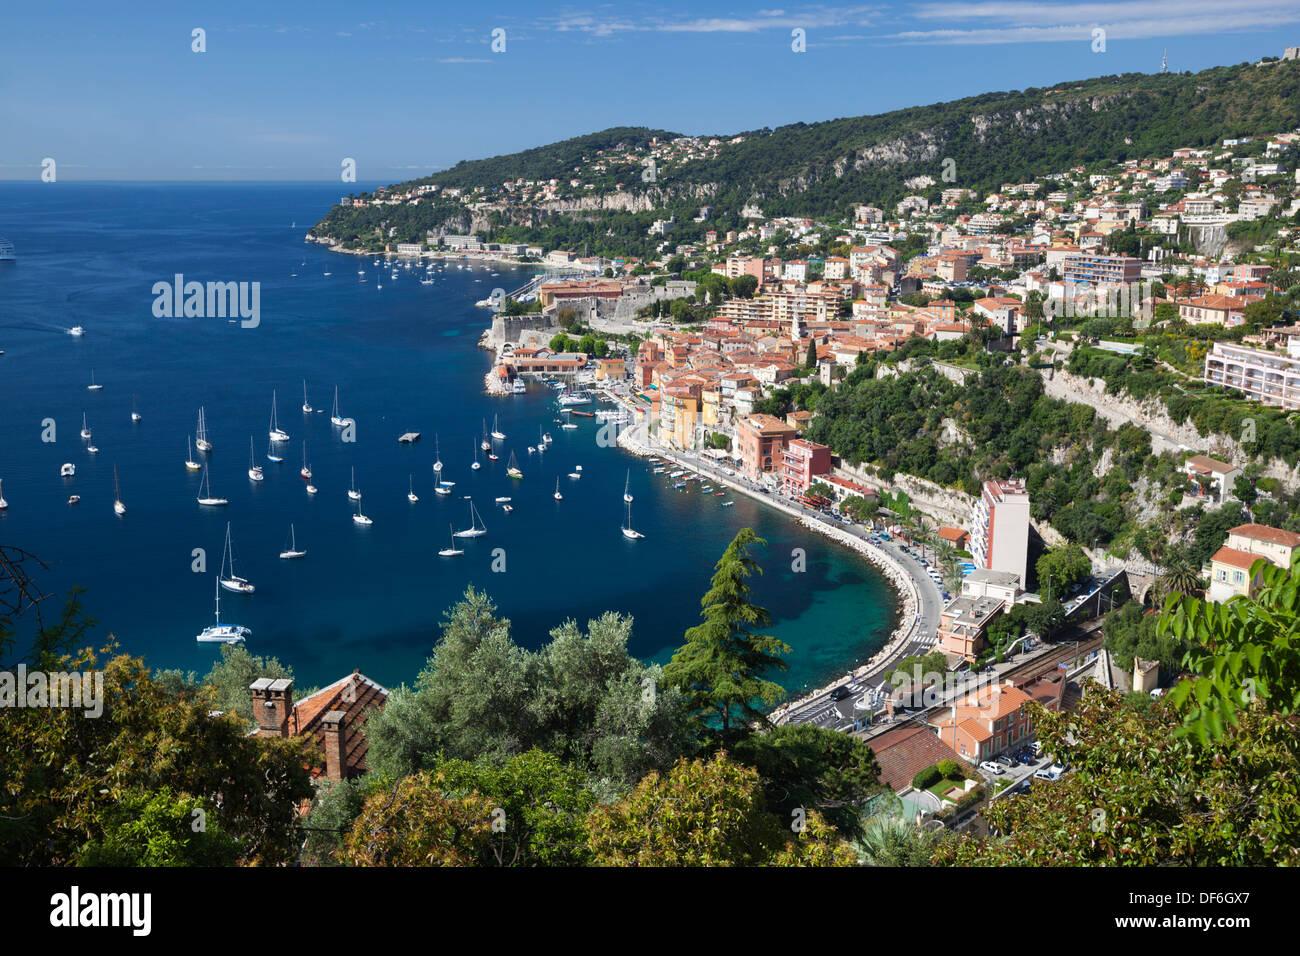 Villefranche-sur-Mer, Provence-Alpes-Côte d'Azur, France, Europe Photo Stock